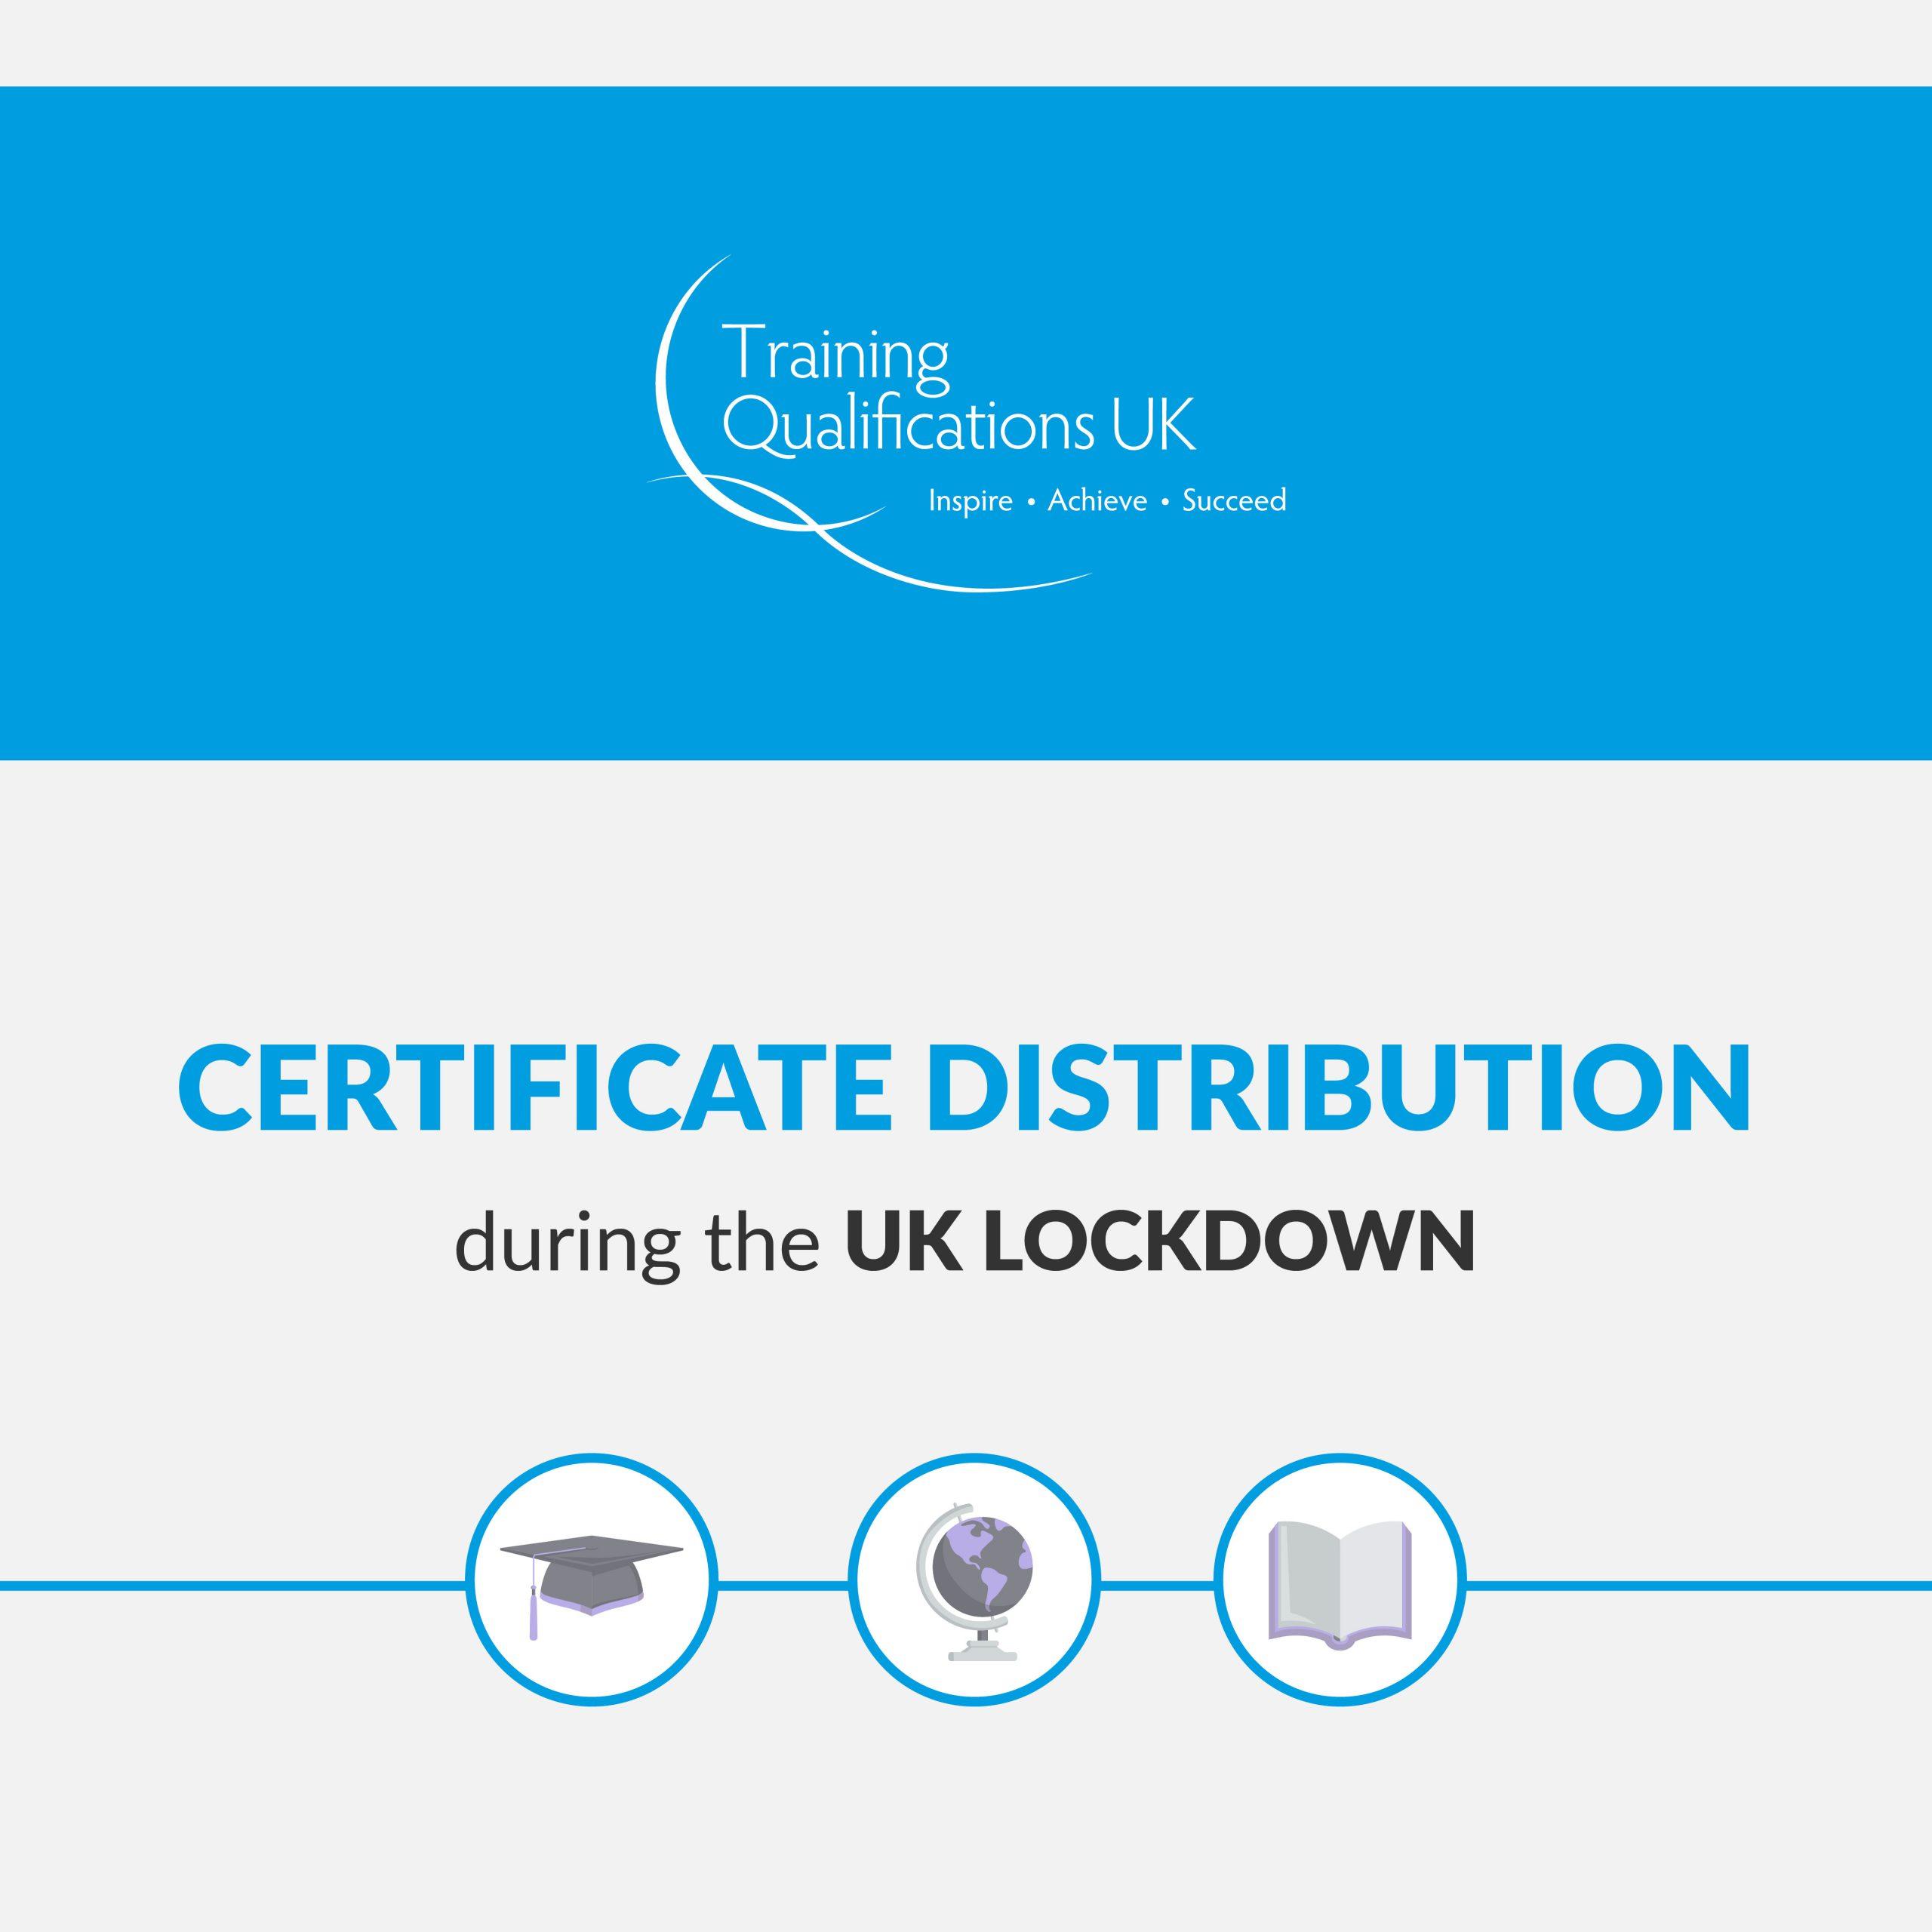 Coronavirus: Certificate distribution during the UK lockdown